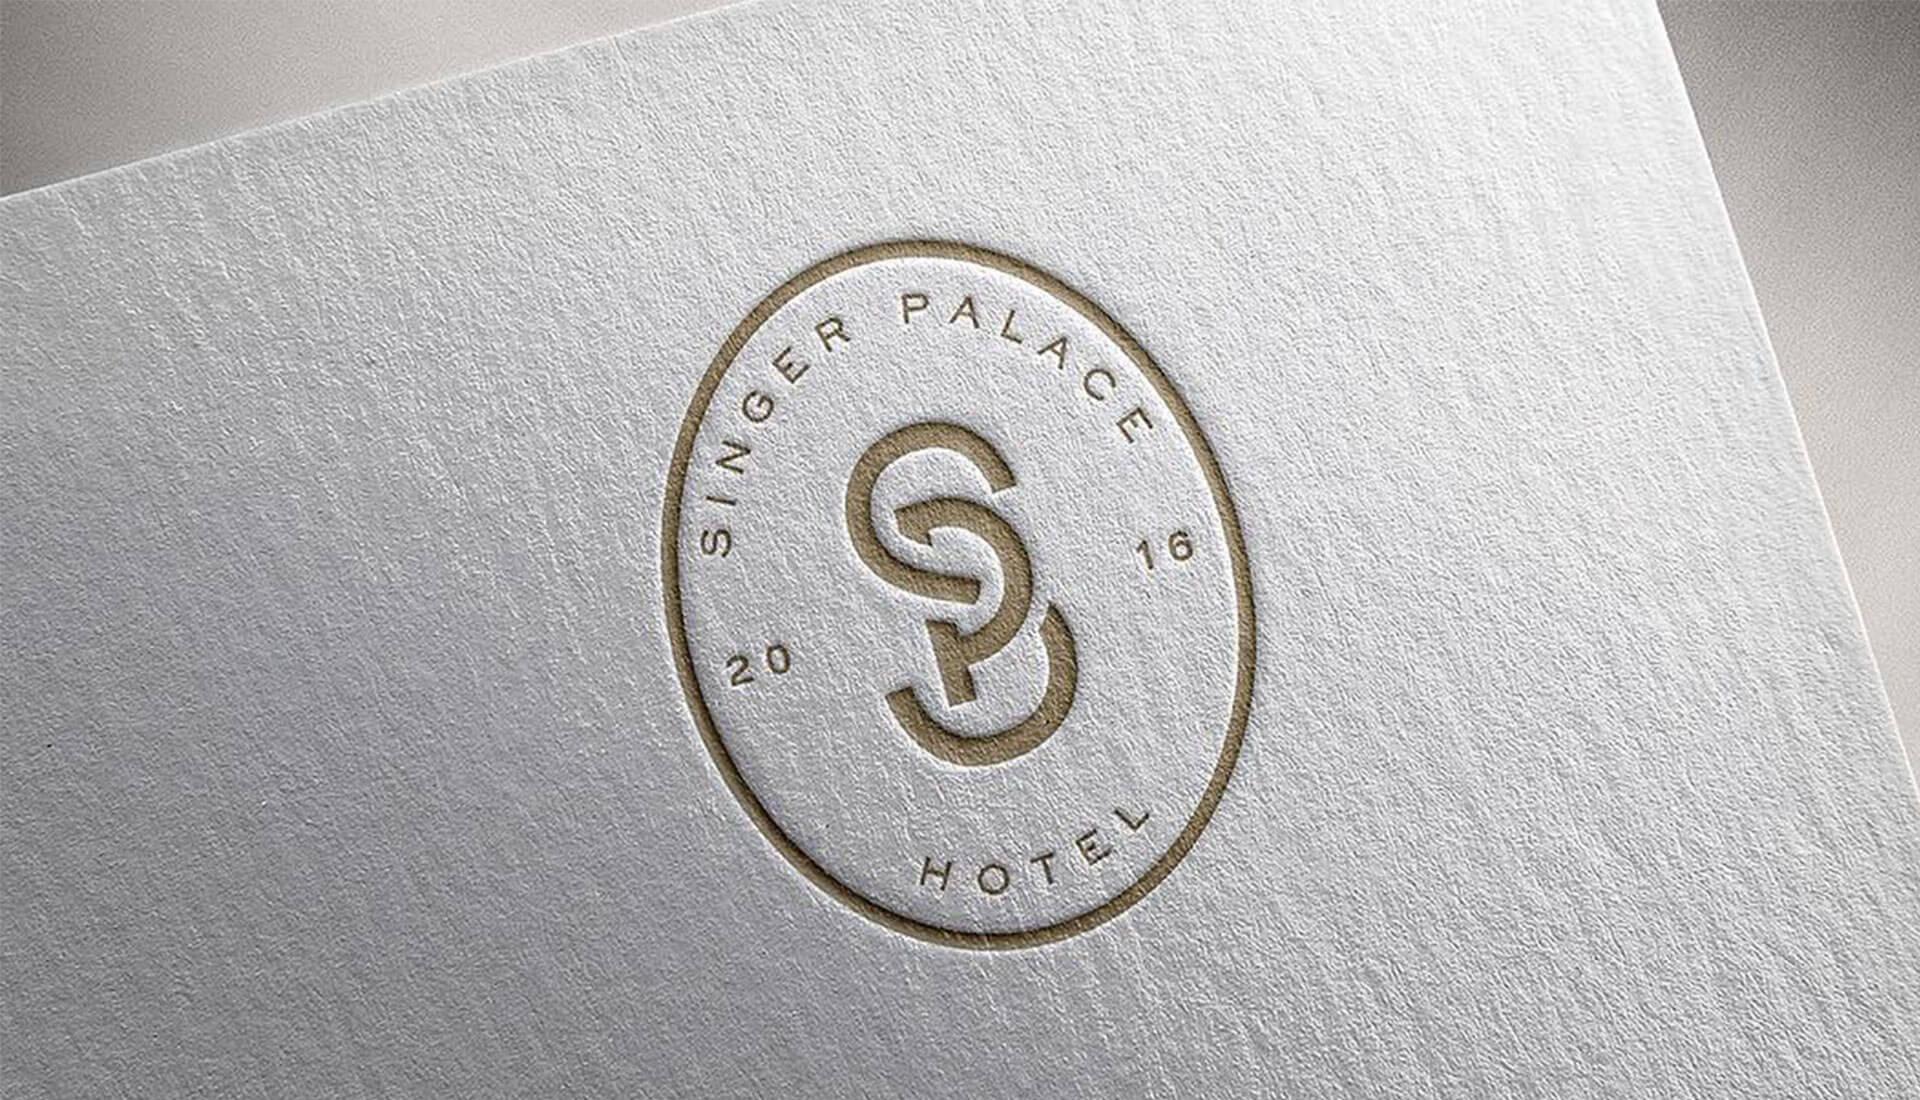 singer-palace-hotel-roma-portfolio-4